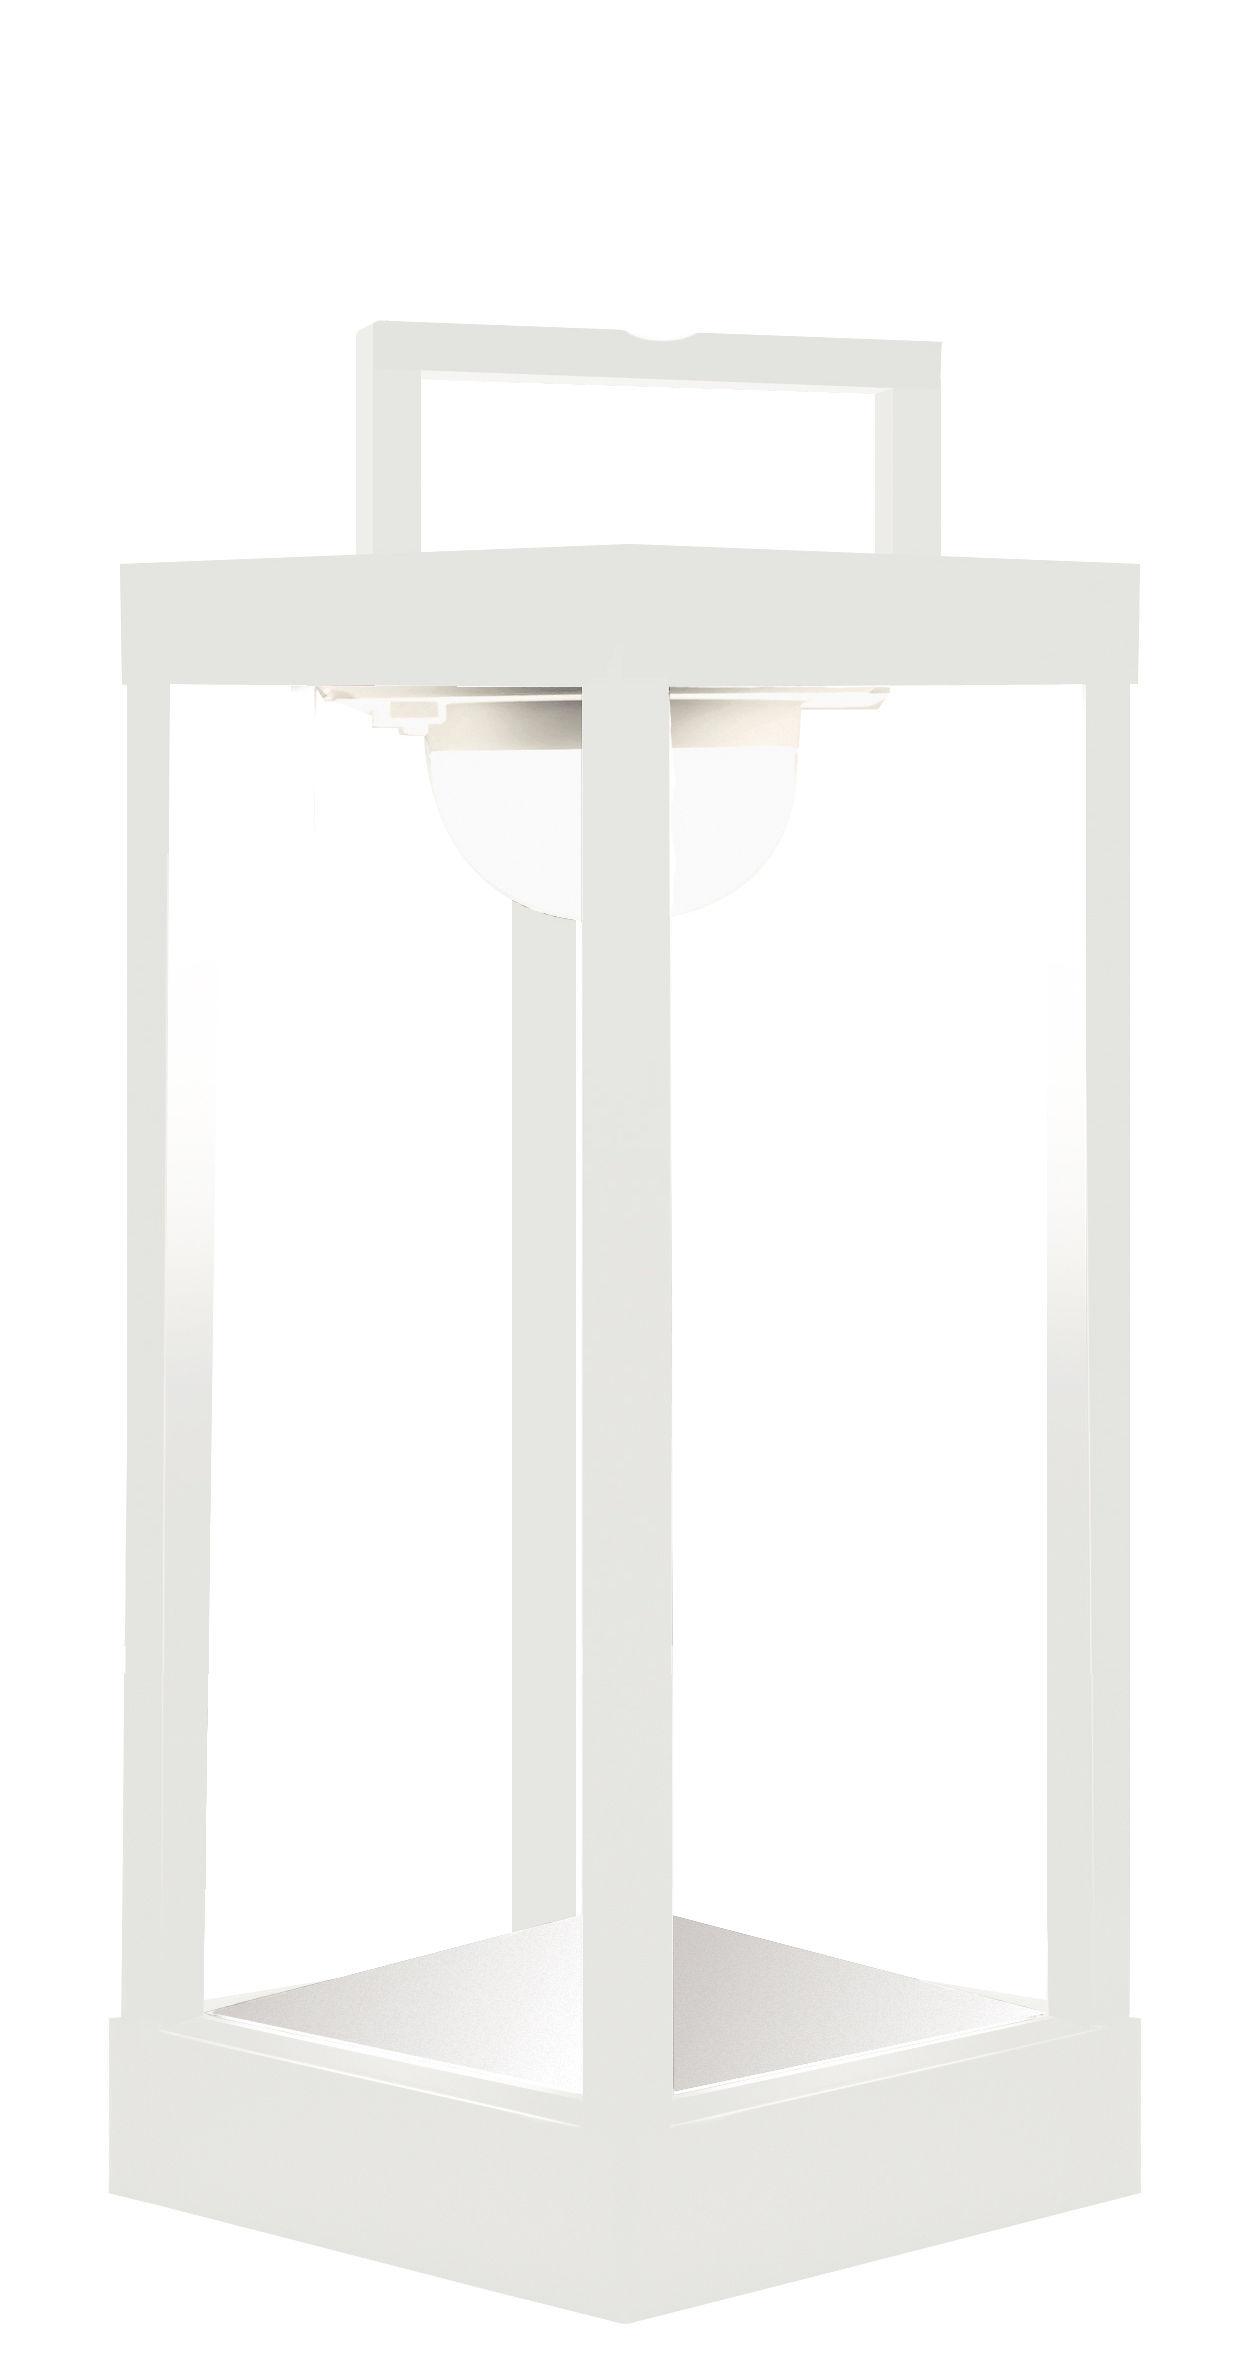 Luminaire - Lampes de table - Lampe solaire La Lampe Parc M LED / Hybride & connectée - Dock USB - H 40 cm - Maiori - Blanc - Aluminium, Verre